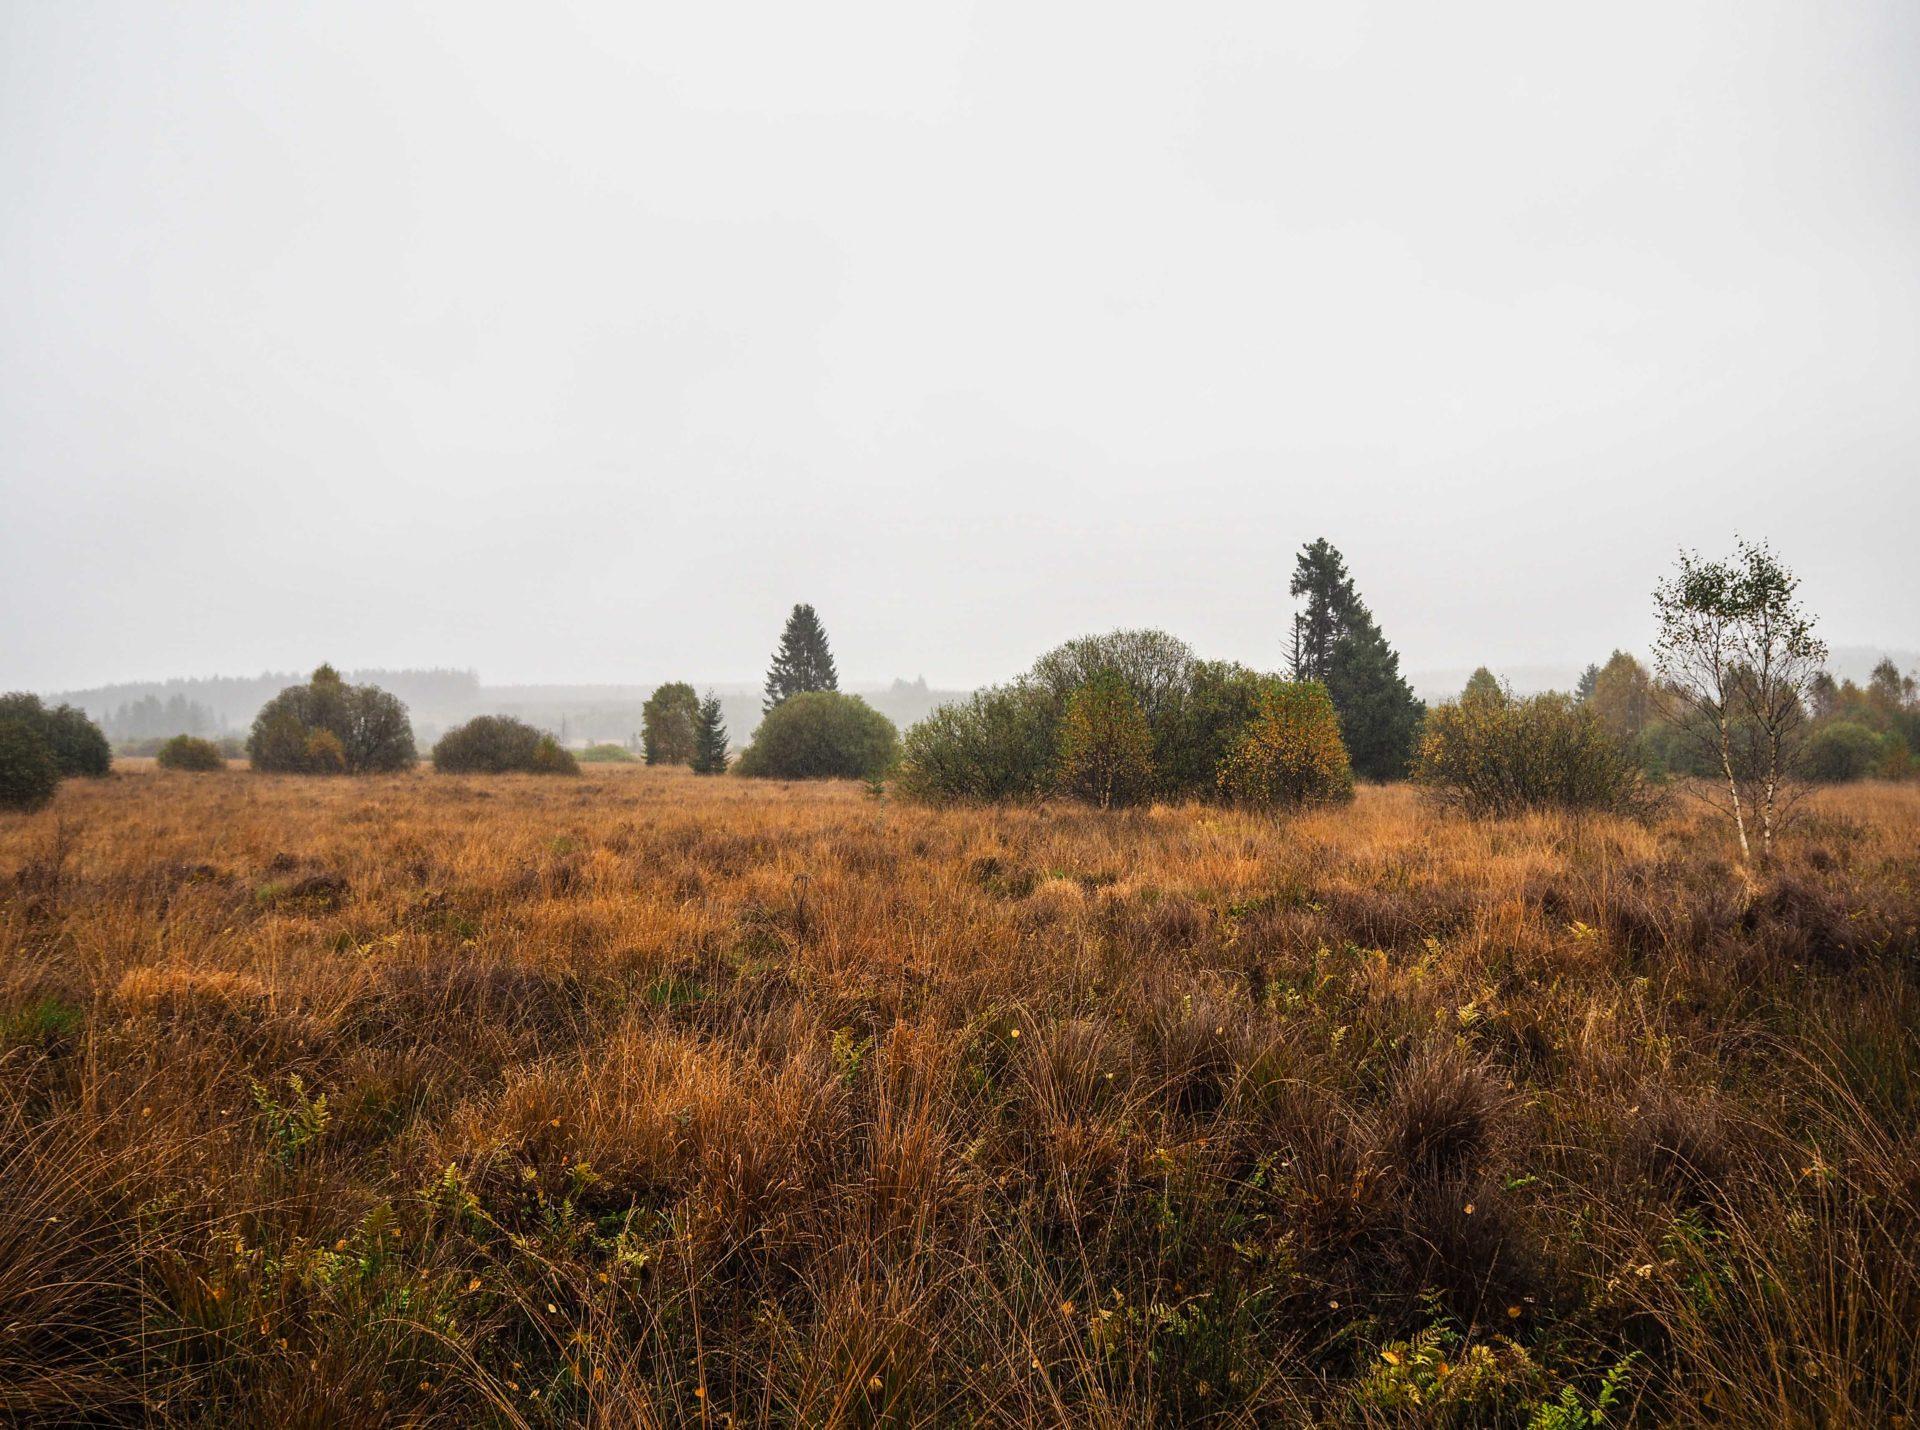 Parc naturel des Hautes-Fagnes à l'automne - Ardenne Belge - Province de Liège - Voyage slow en Belgique